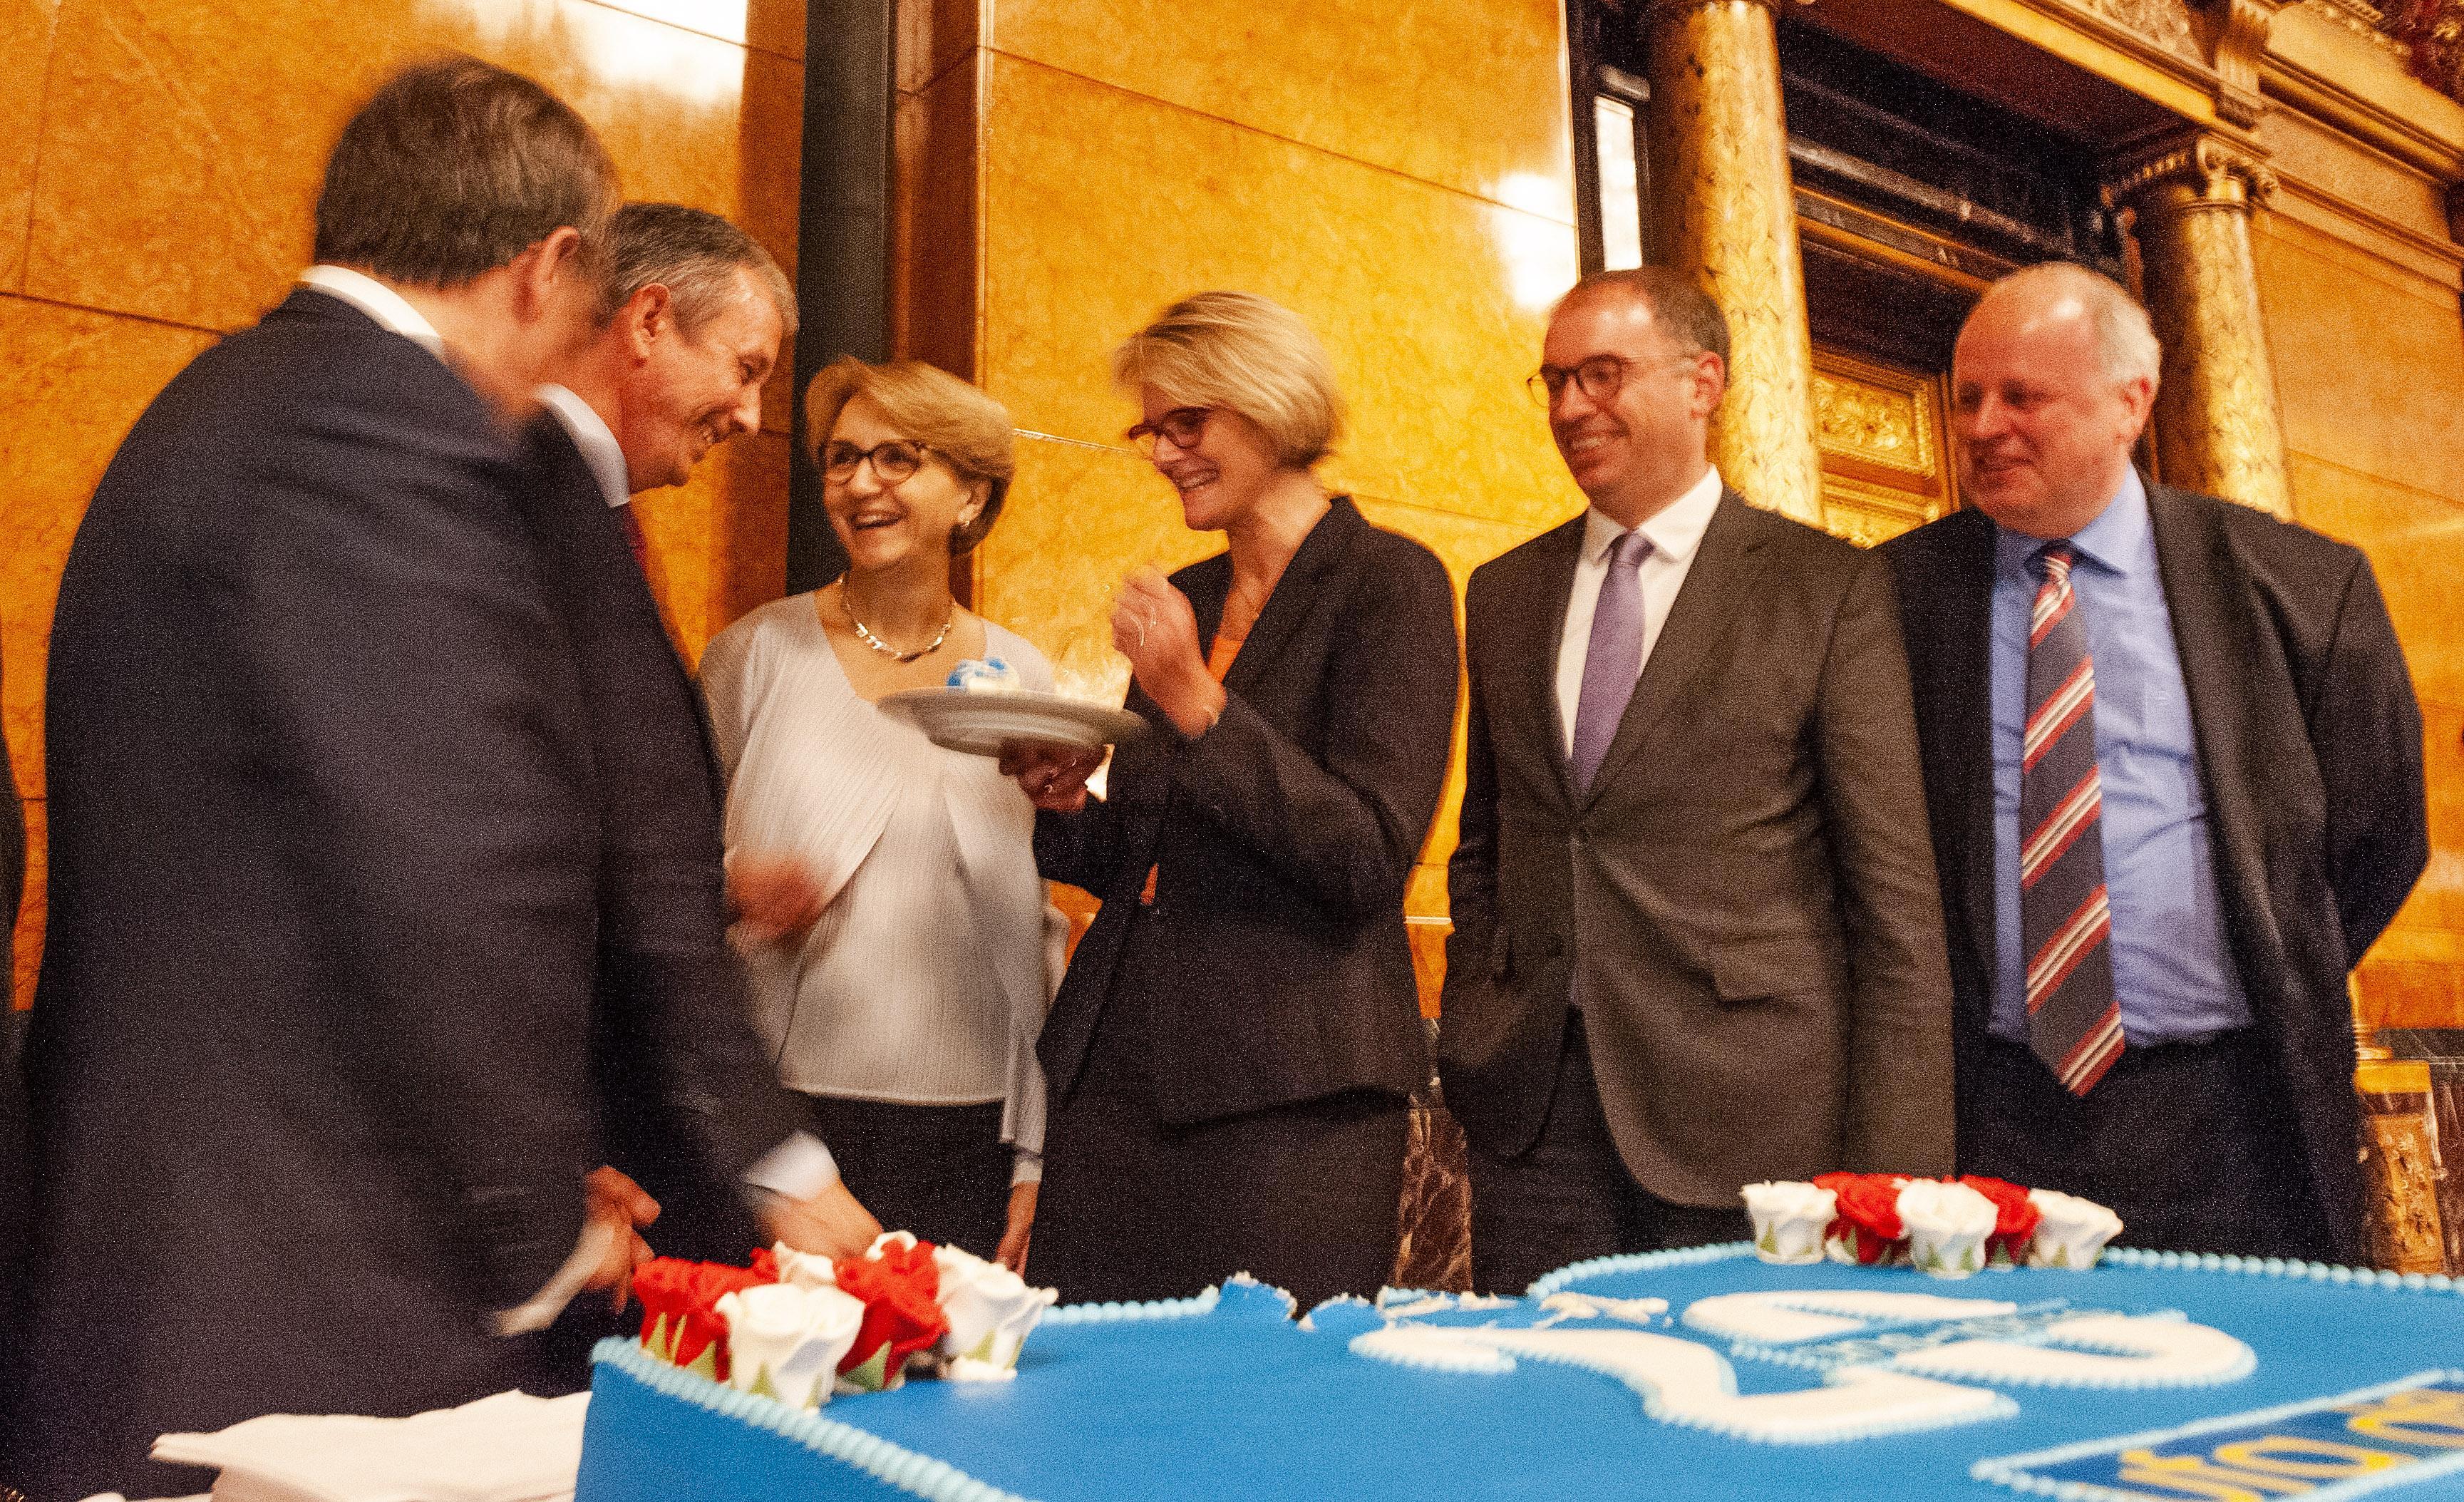 20 Jahre DFA-UFA: die Geburtstagstorte